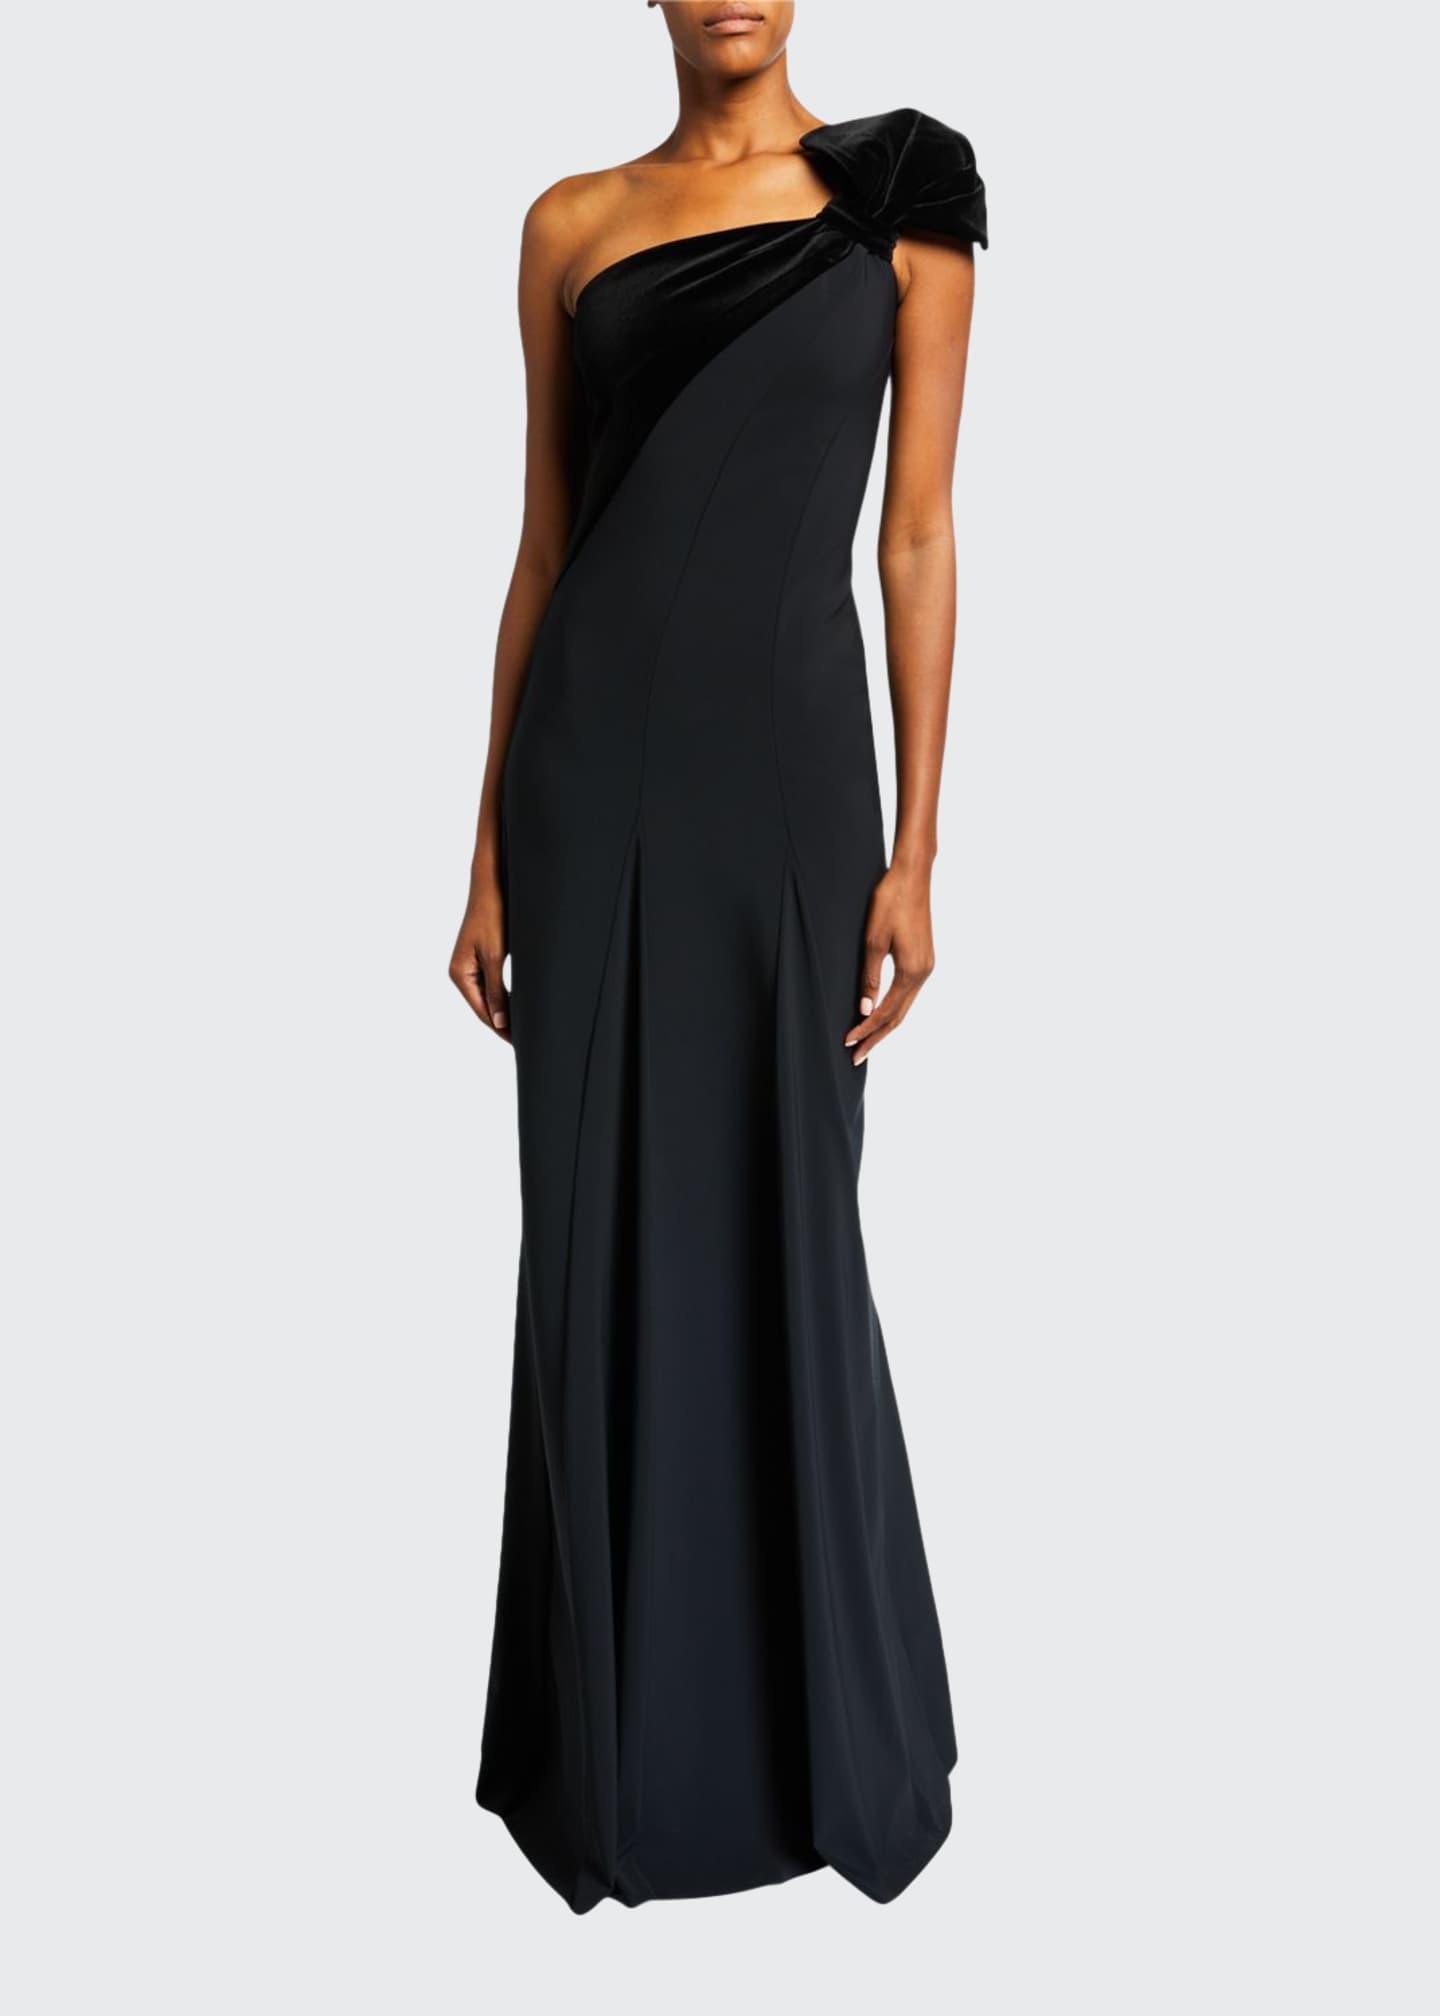 Chiara Boni La Petite Robe One-Shoulder Long Gown